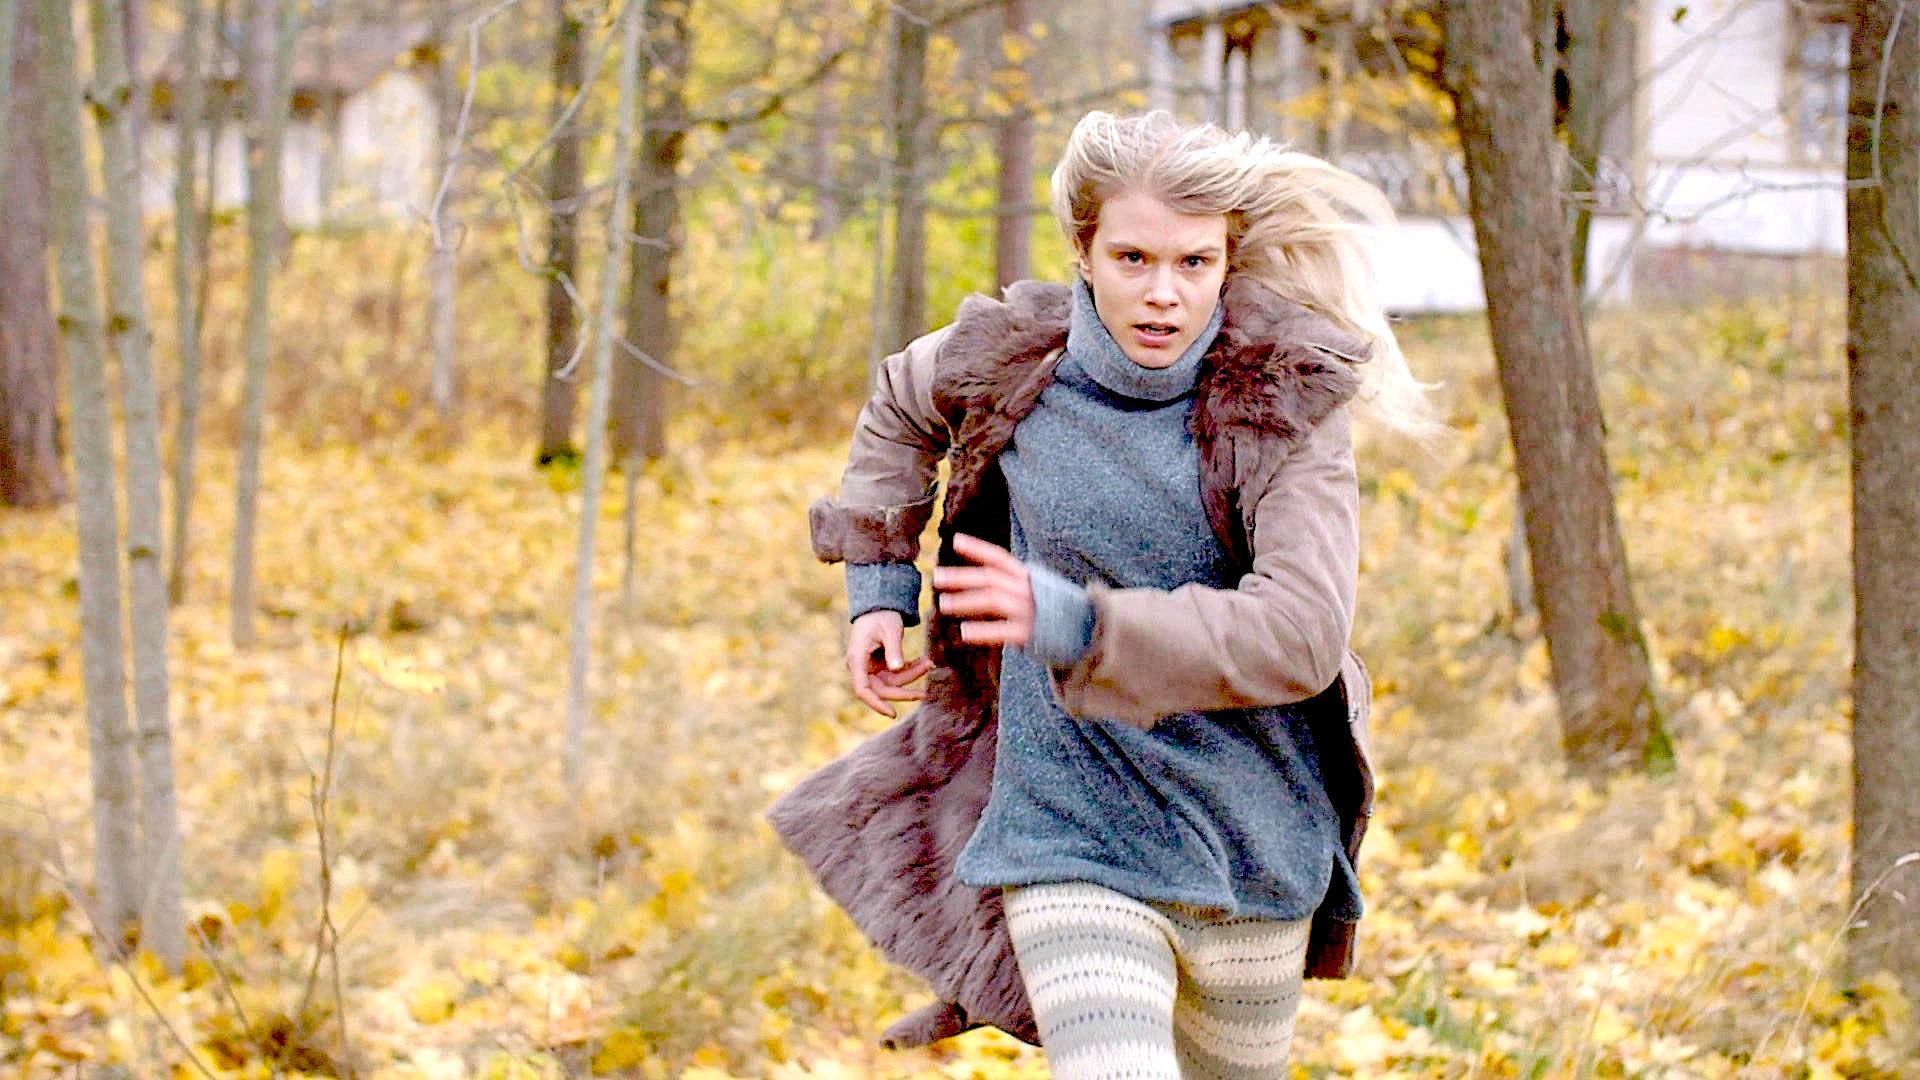 Aliisa_ark_film2020